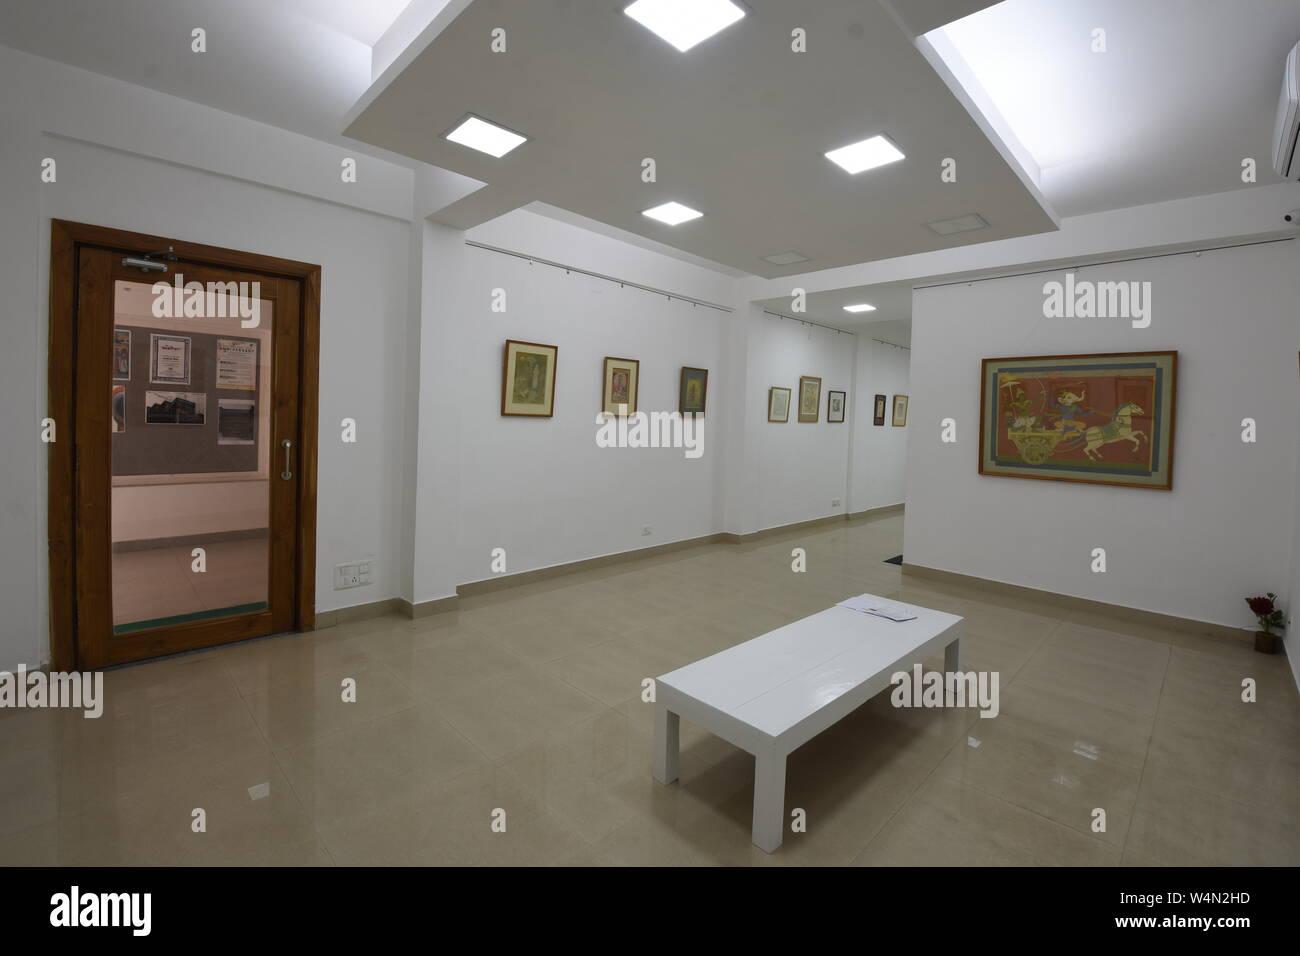 Kolkata, India. 23rd July, 2019. Amit Alo - an exhibition of 24 paintings and drawings by Amit Kumar Sarkar (1938-2019), a Kolkata based Indian Painti Stock Photo